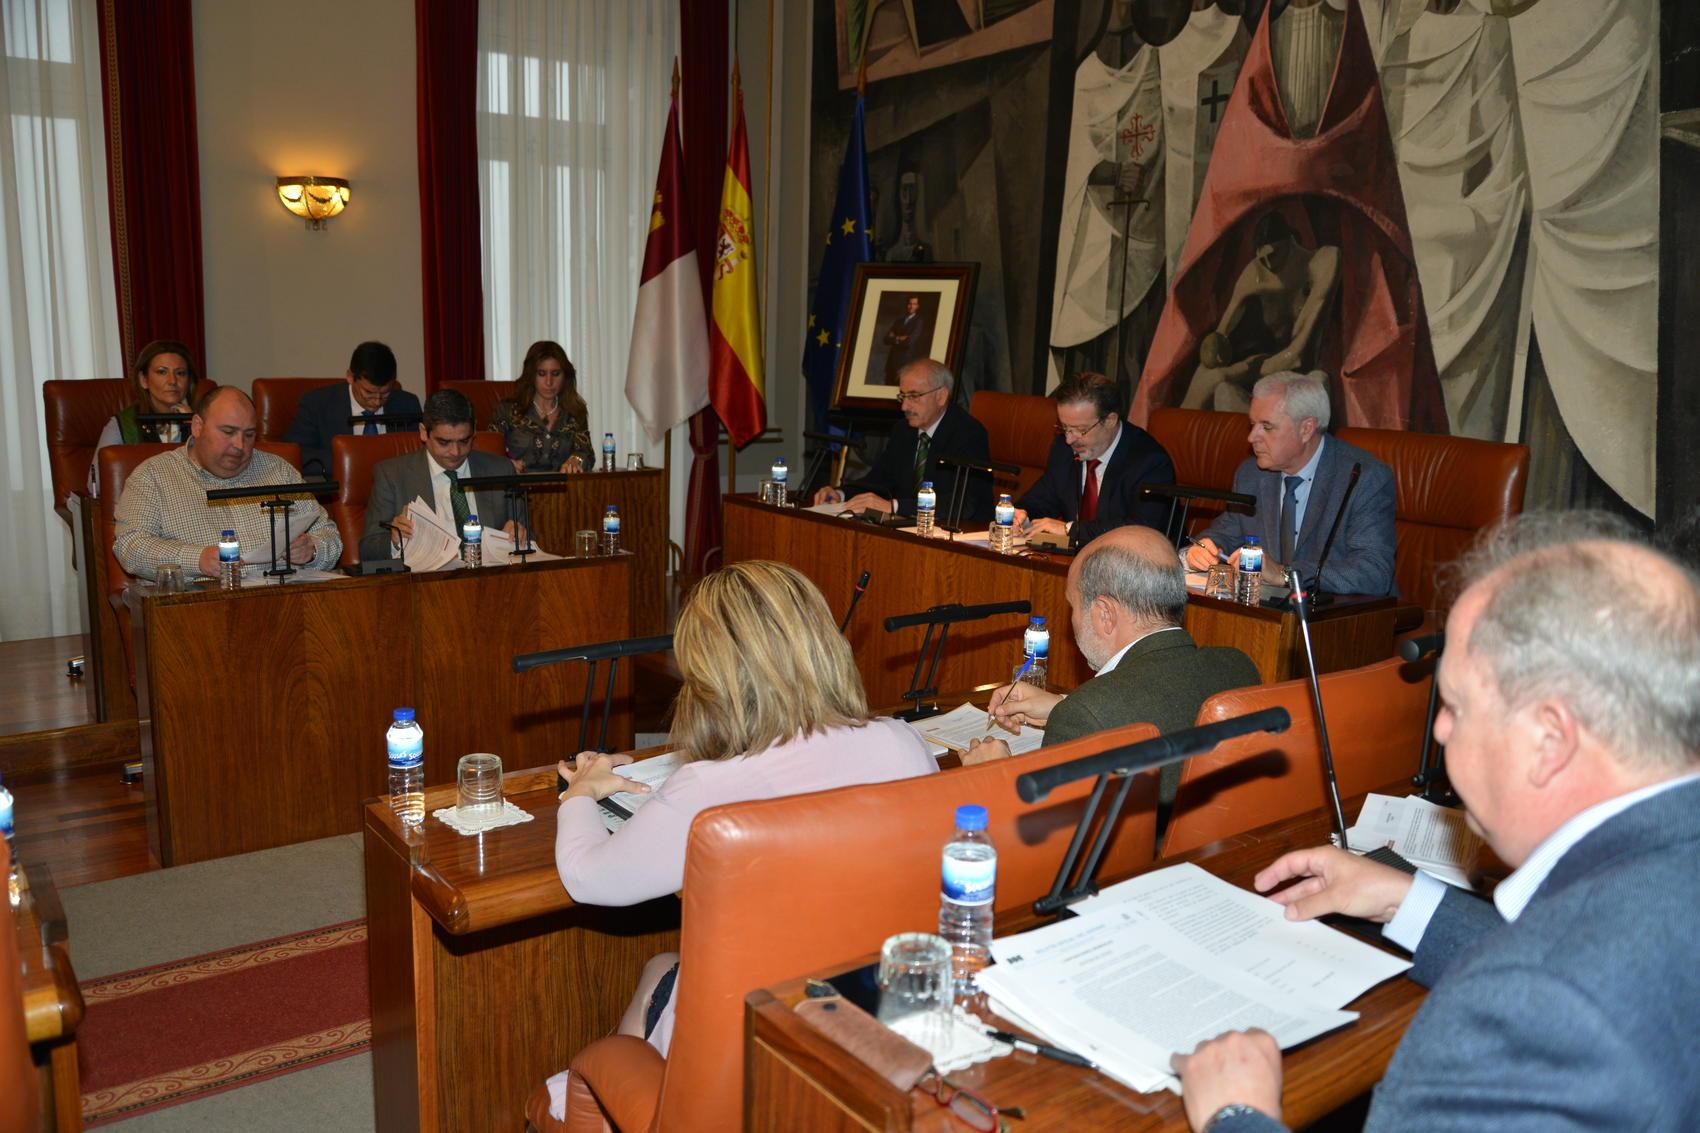 La Diputación modifica créditos para destinar 6 millones de euros más a empleo y becas comedor